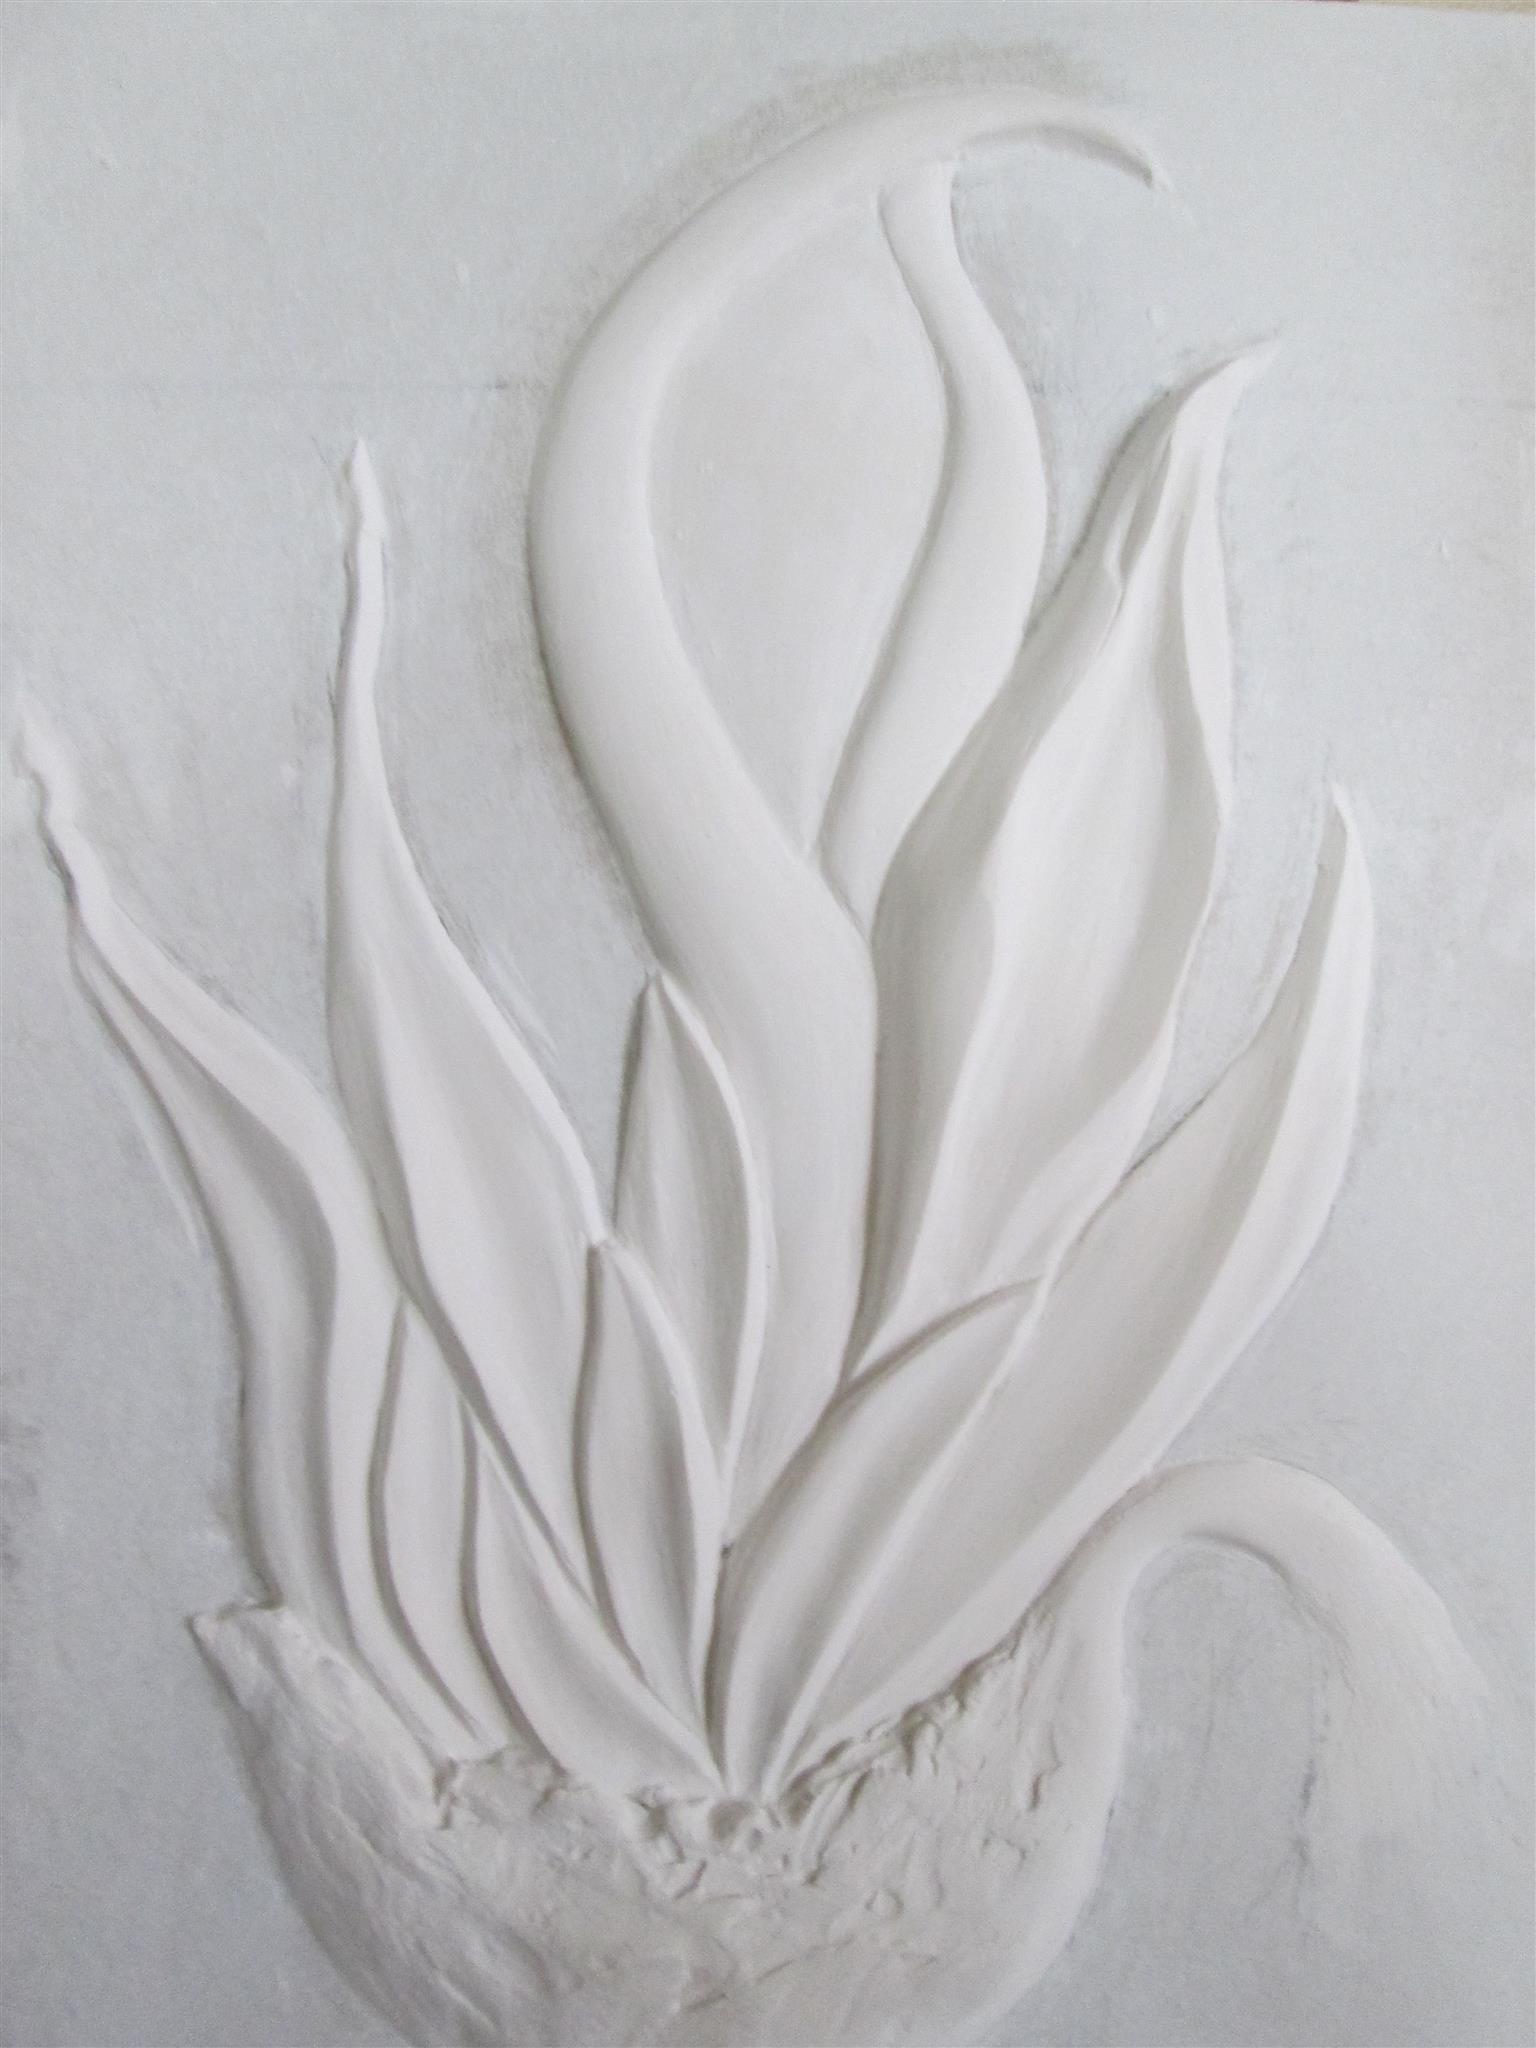 3D Sculpted Art on Walls